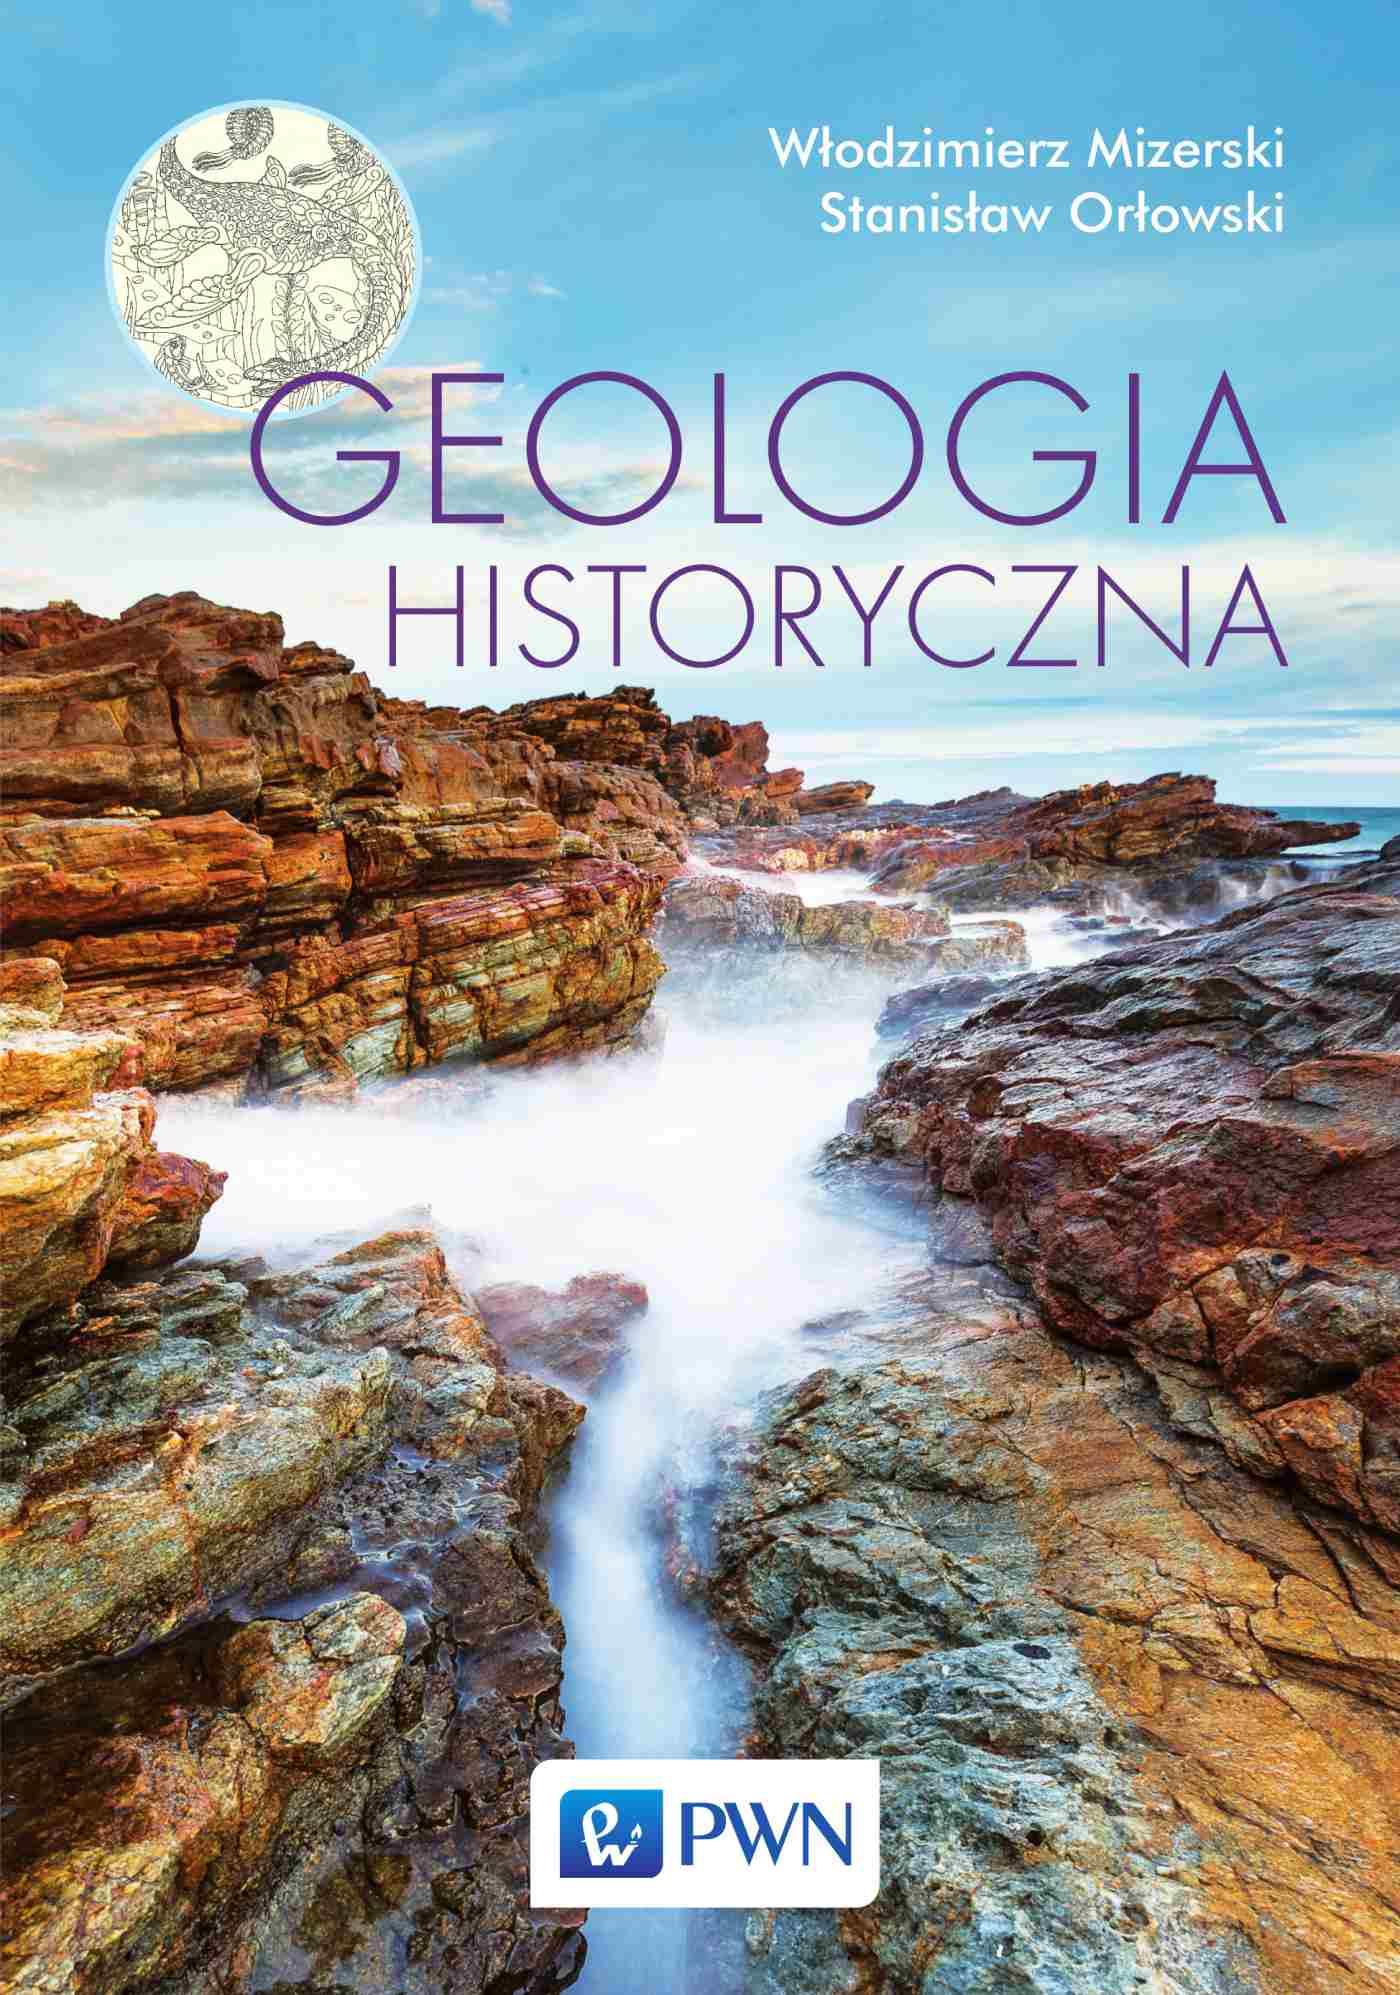 Geologia historyczna - Ebook (Książka EPUB) do pobrania w formacie EPUB